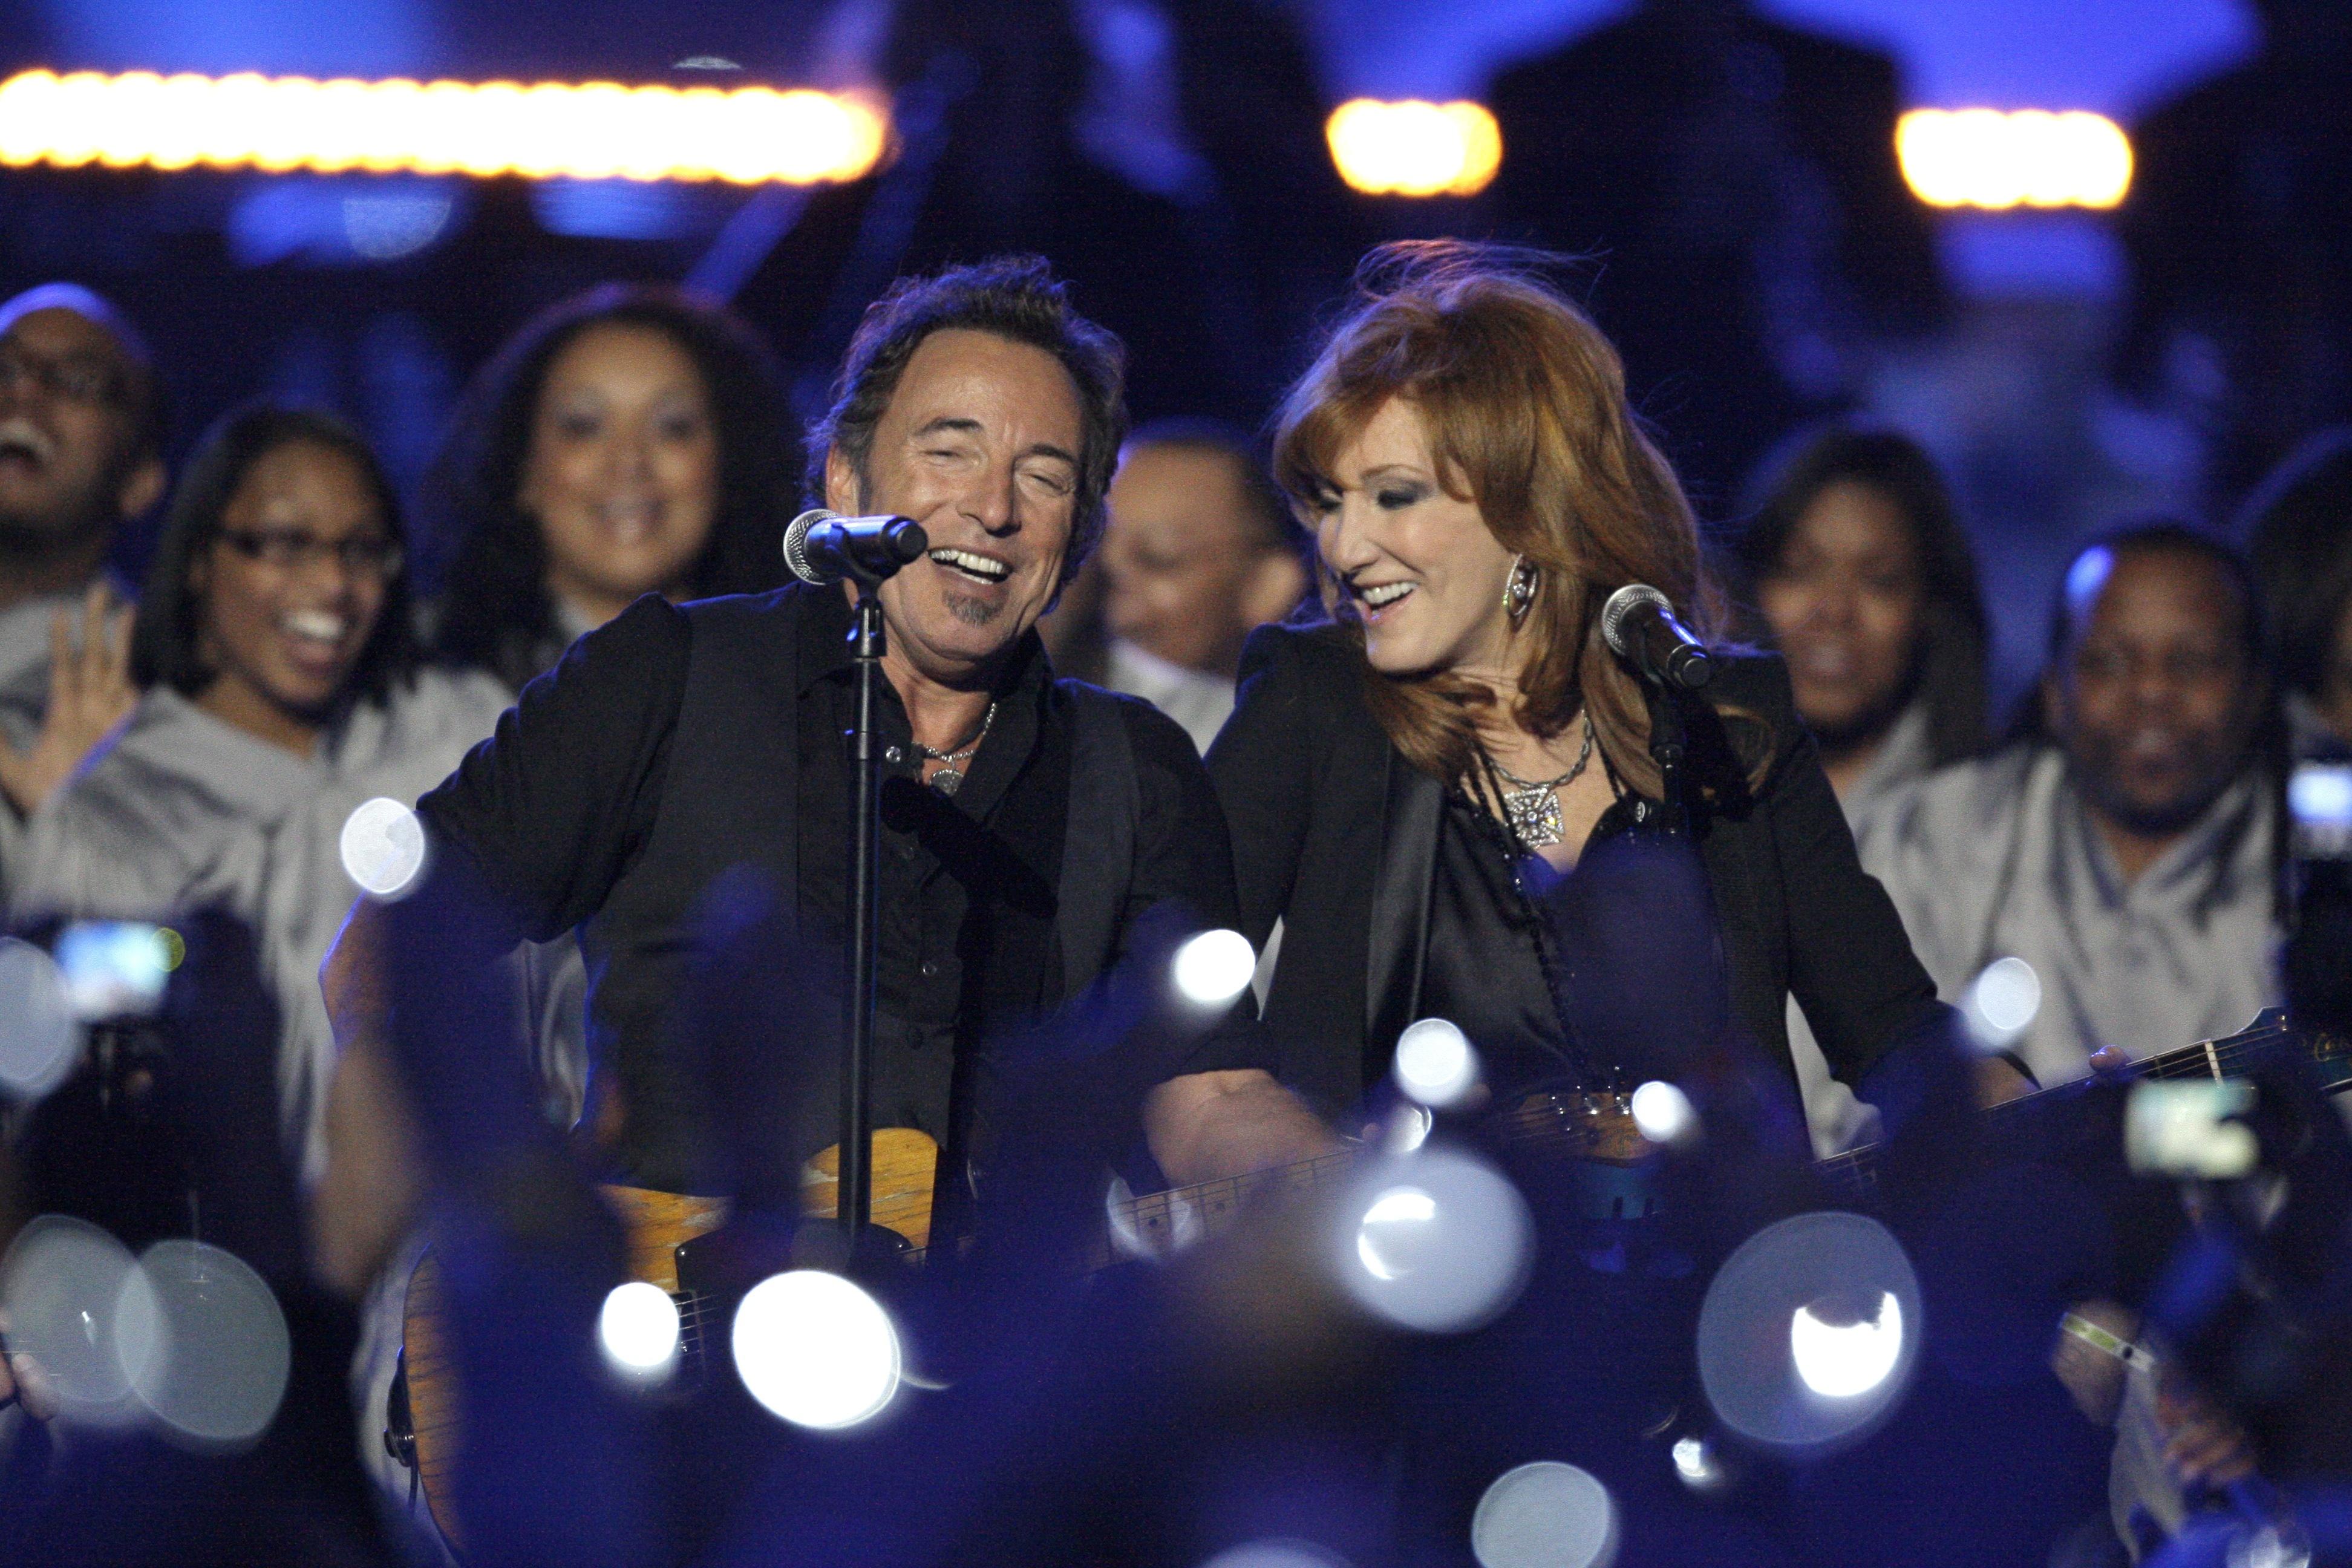 SpringsteenAP